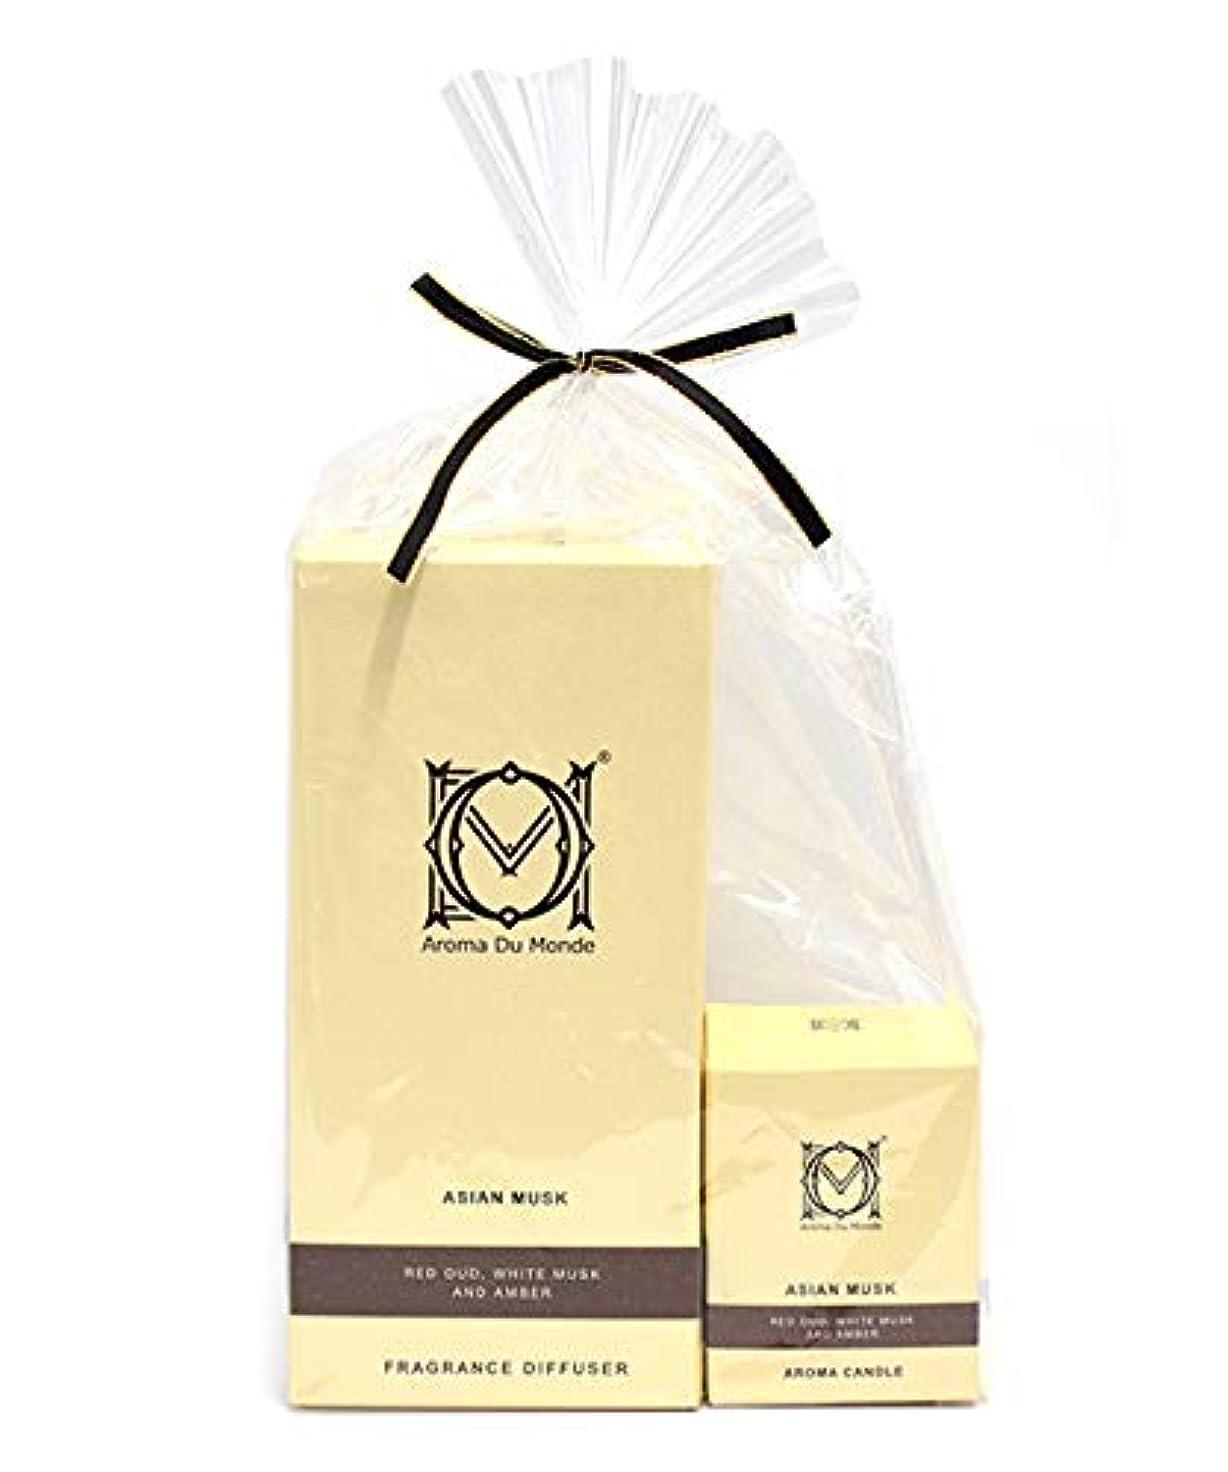 前置詞寓話靴フレグランスディフューザー&キャンドル アジアンムスク セット Aroma Du Monde/ADM Fragrance Diffuser & Candle Asian Musk Set 81157